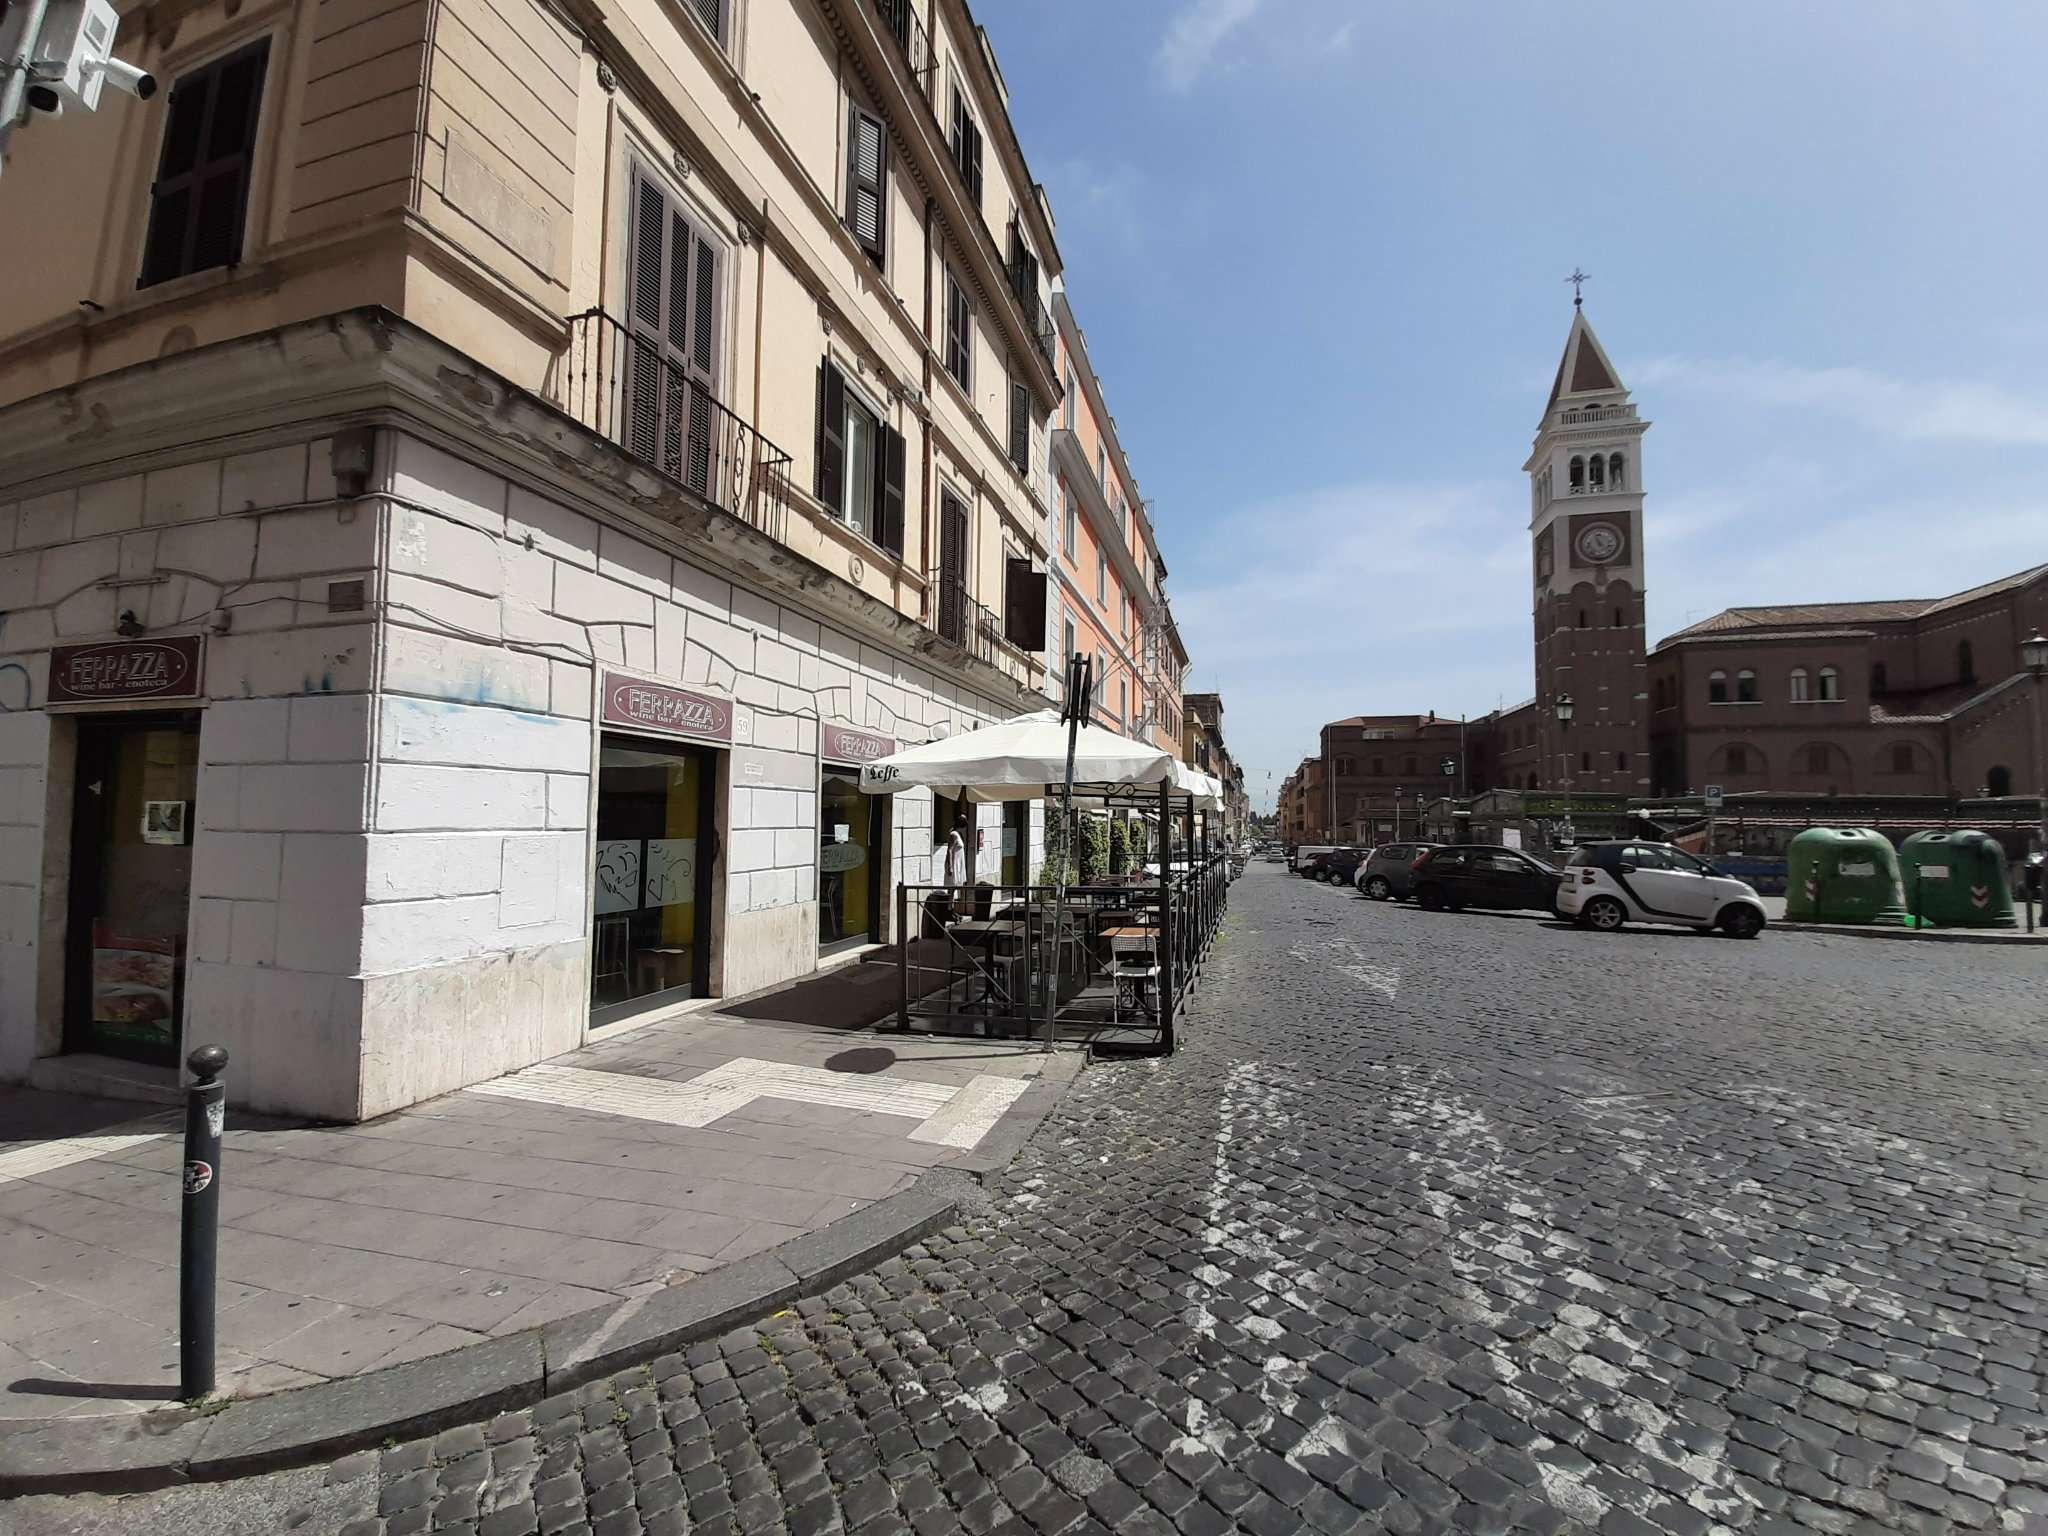 Attività / Licenza in vendita a Roma, 2 locali, zona Zona: 7 . Esquilino, San Lorenzo, Termini, prezzo € 350.000   CambioCasa.it